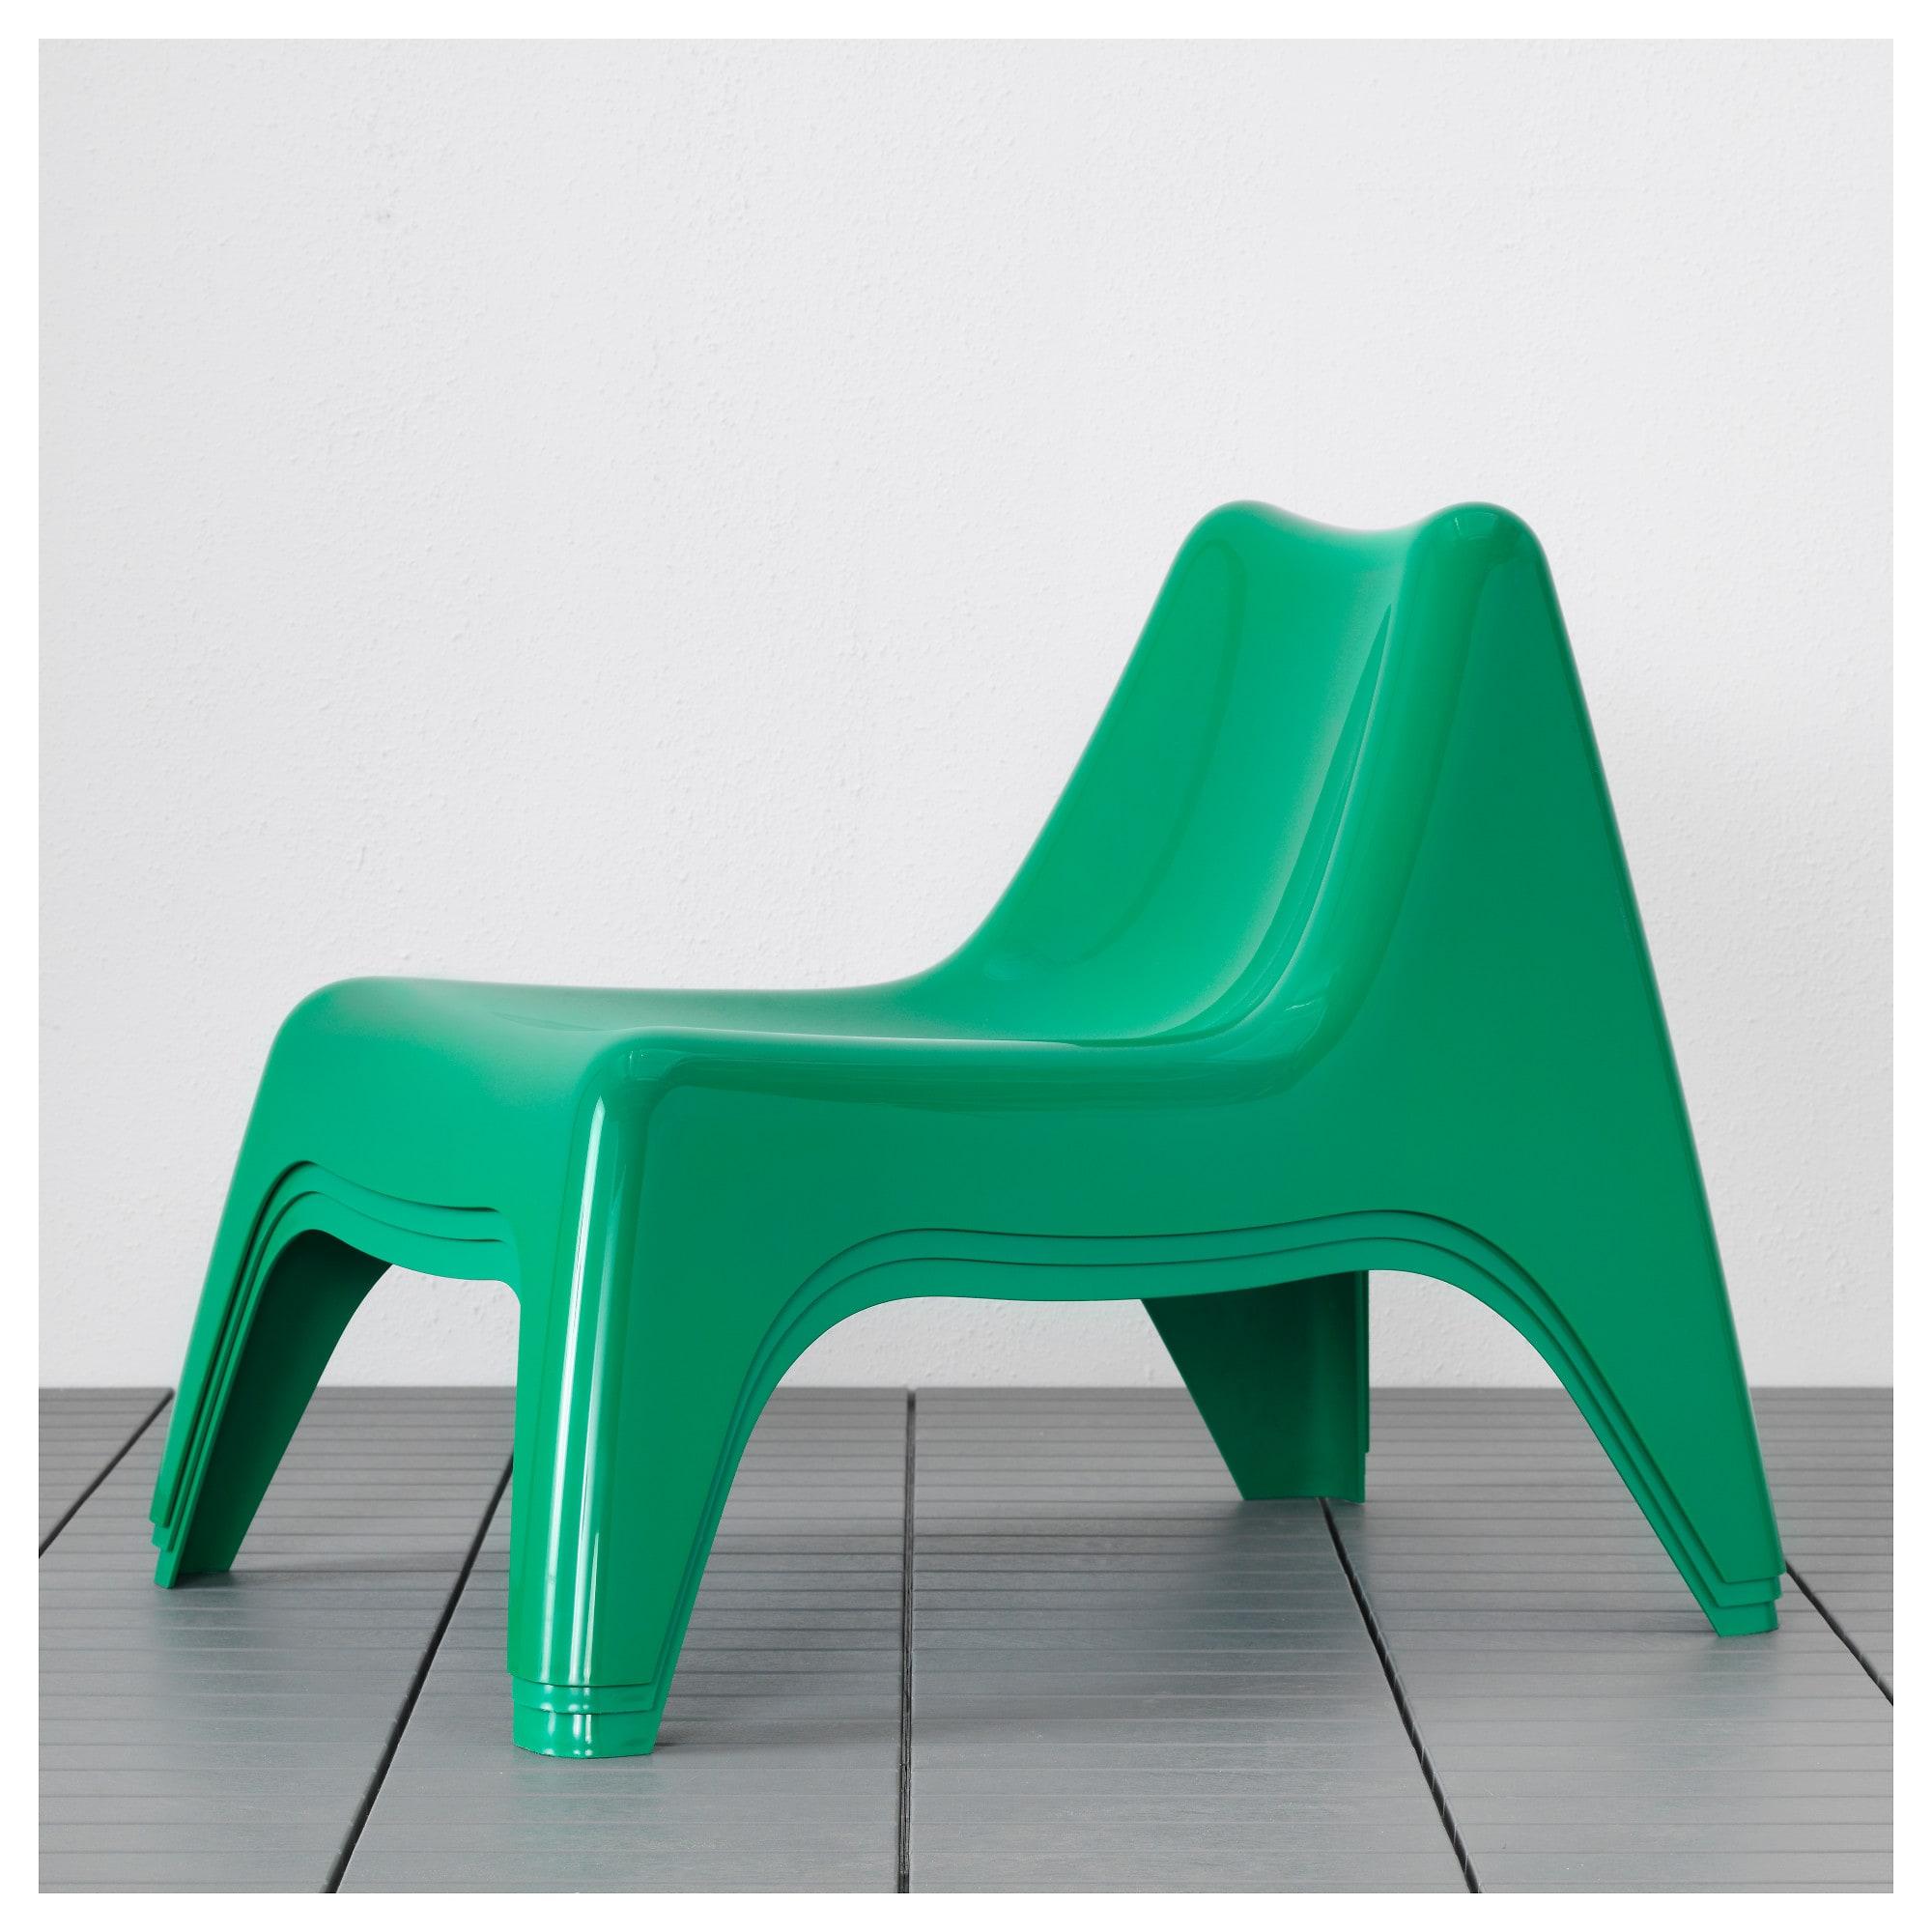 Sessel/außen IKEA PS VÅGÖ grün   Ikea ps, Sessel und Ikea